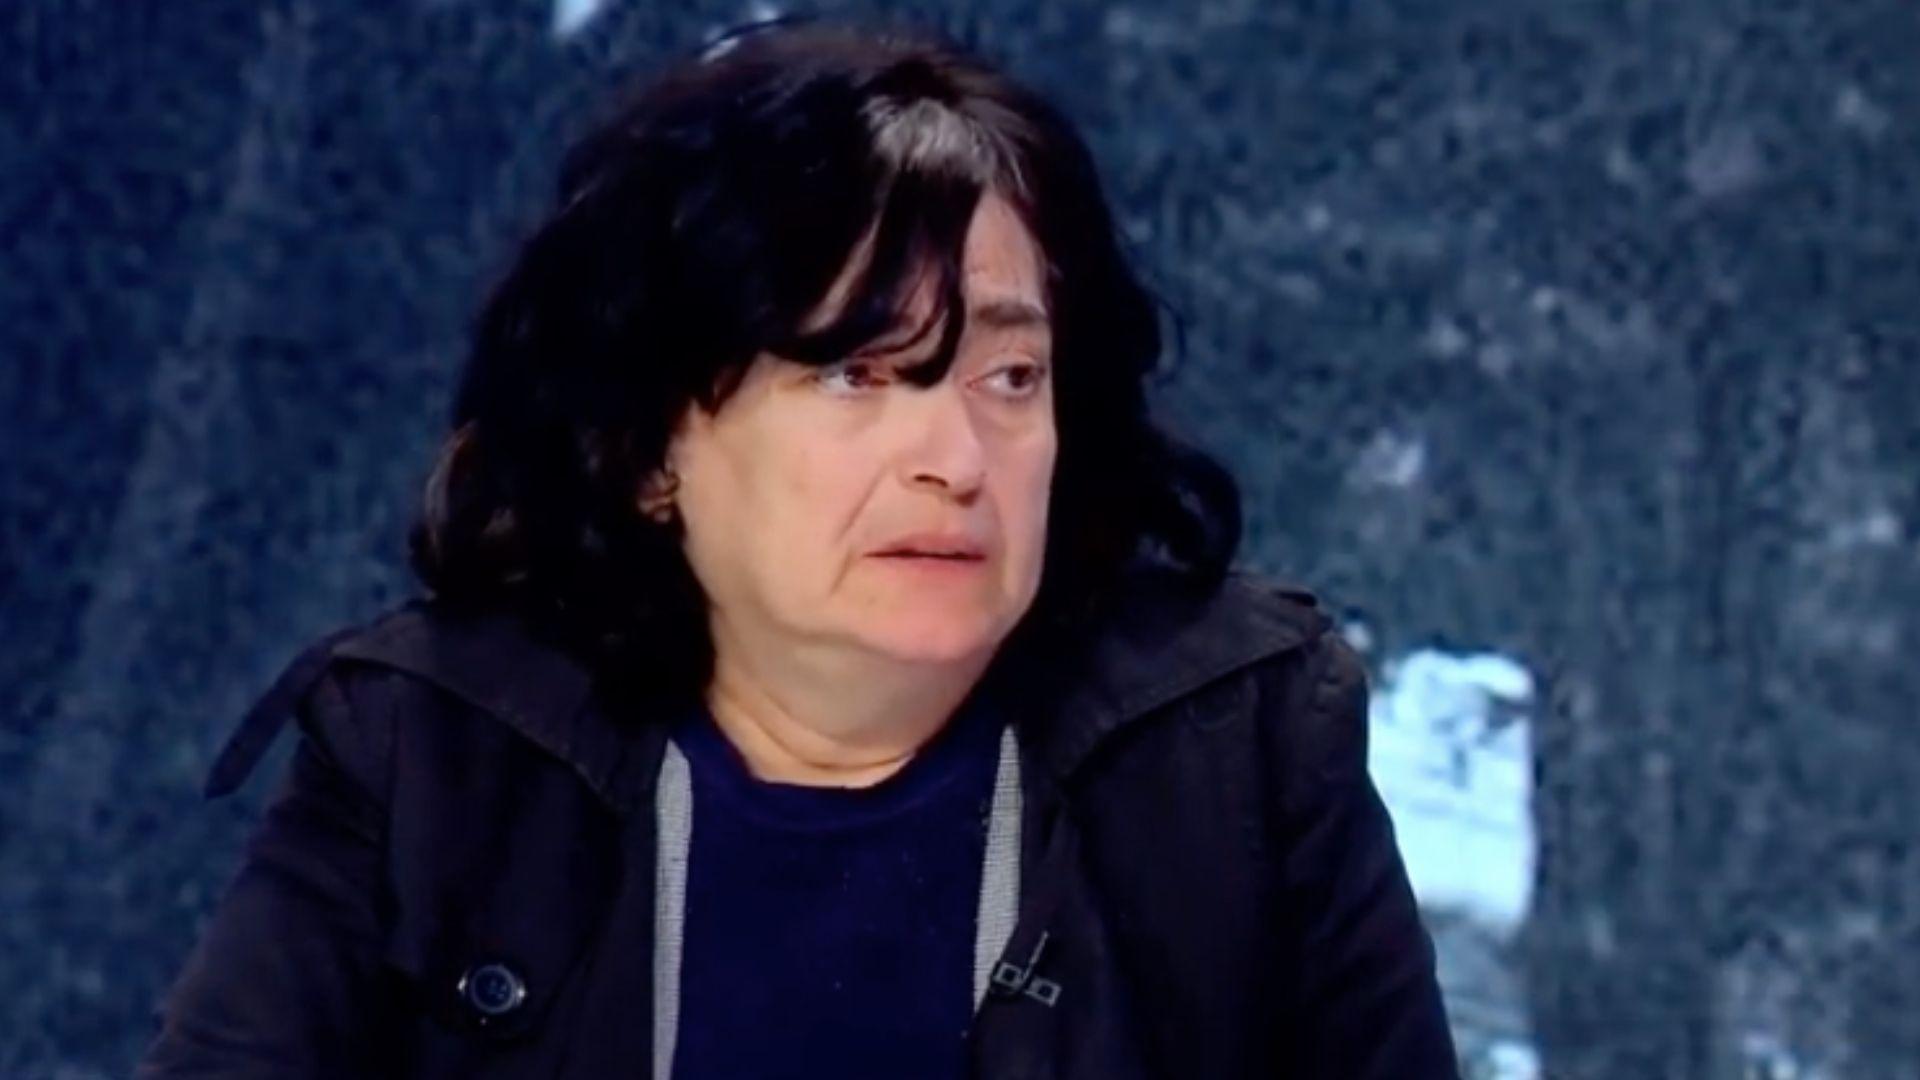 43 წლის წინ საზოგადოებამ ქართული ენა დაიცვა – ინტერვიუ თამარ ჩხეიძესთან